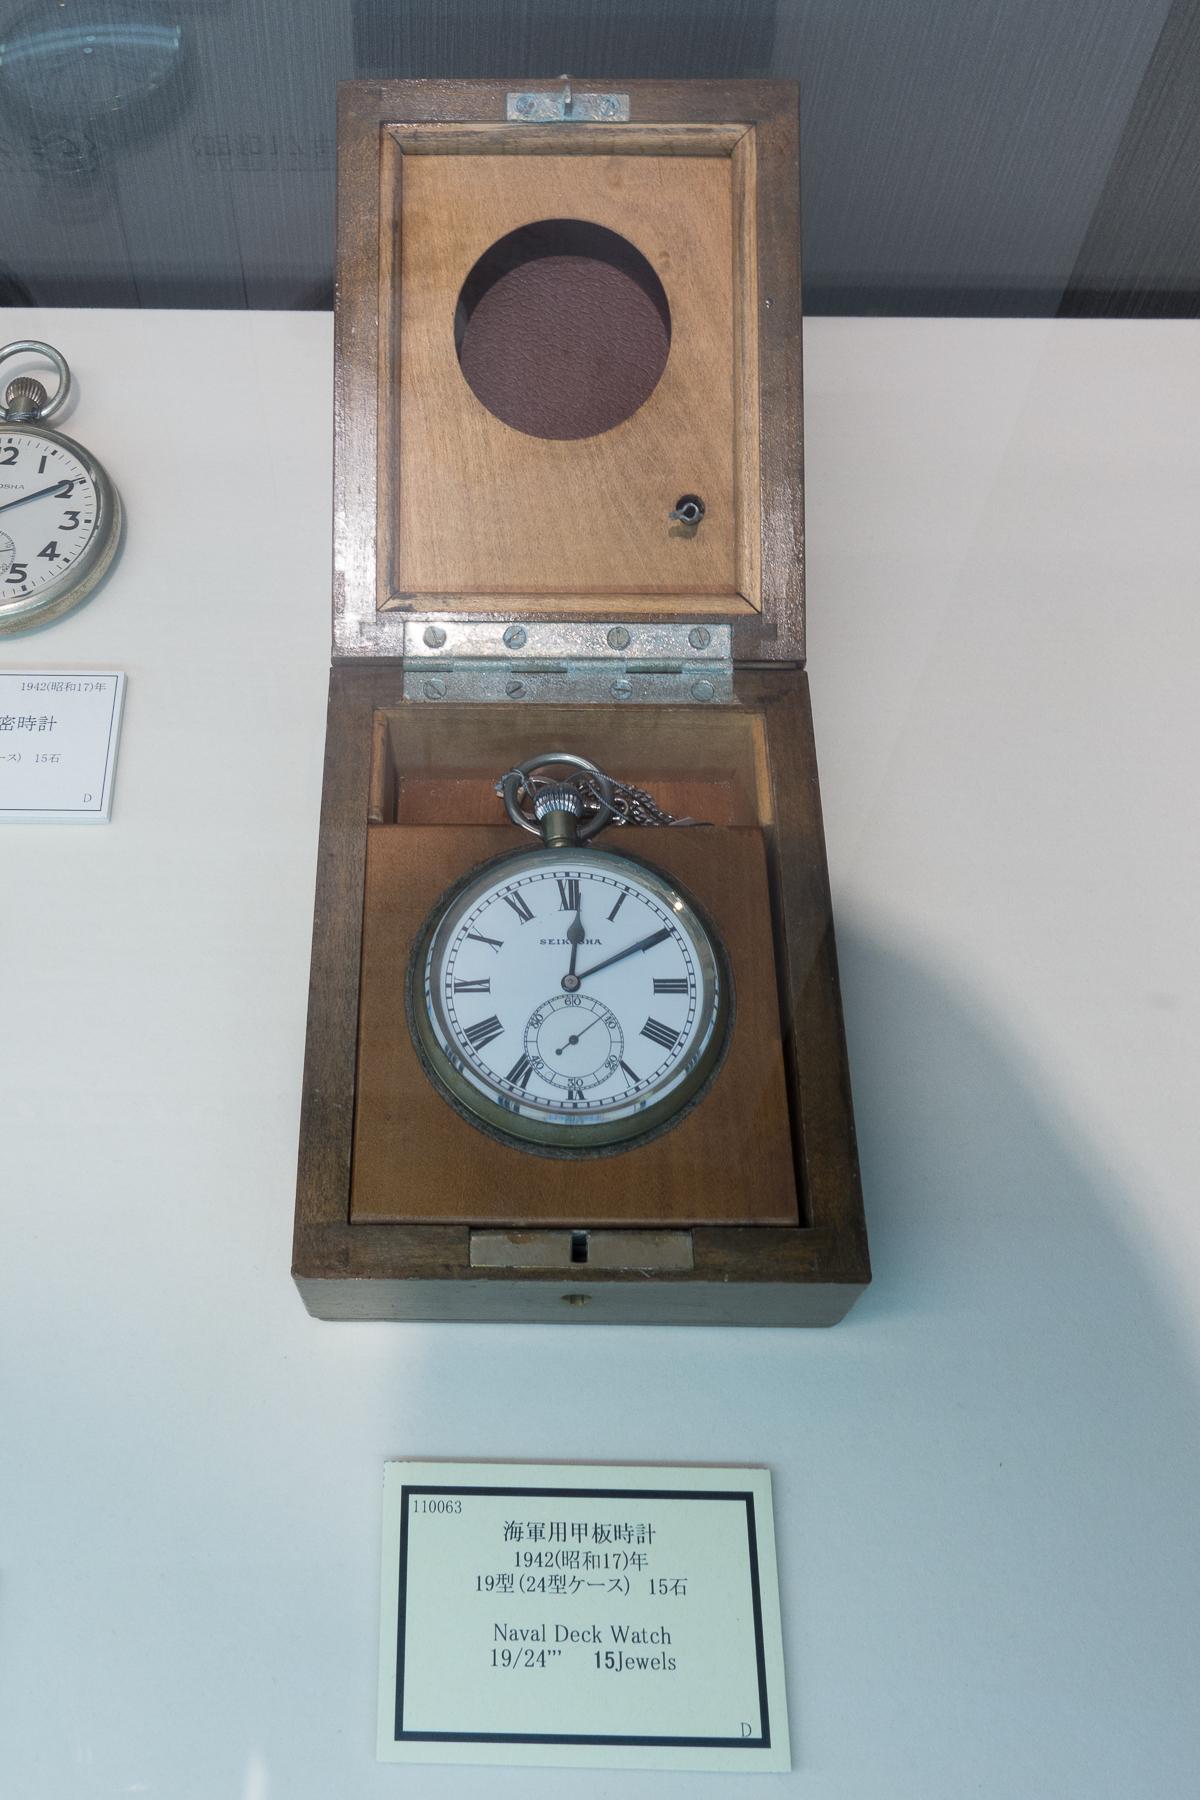 Seiko Naval Deck Watch